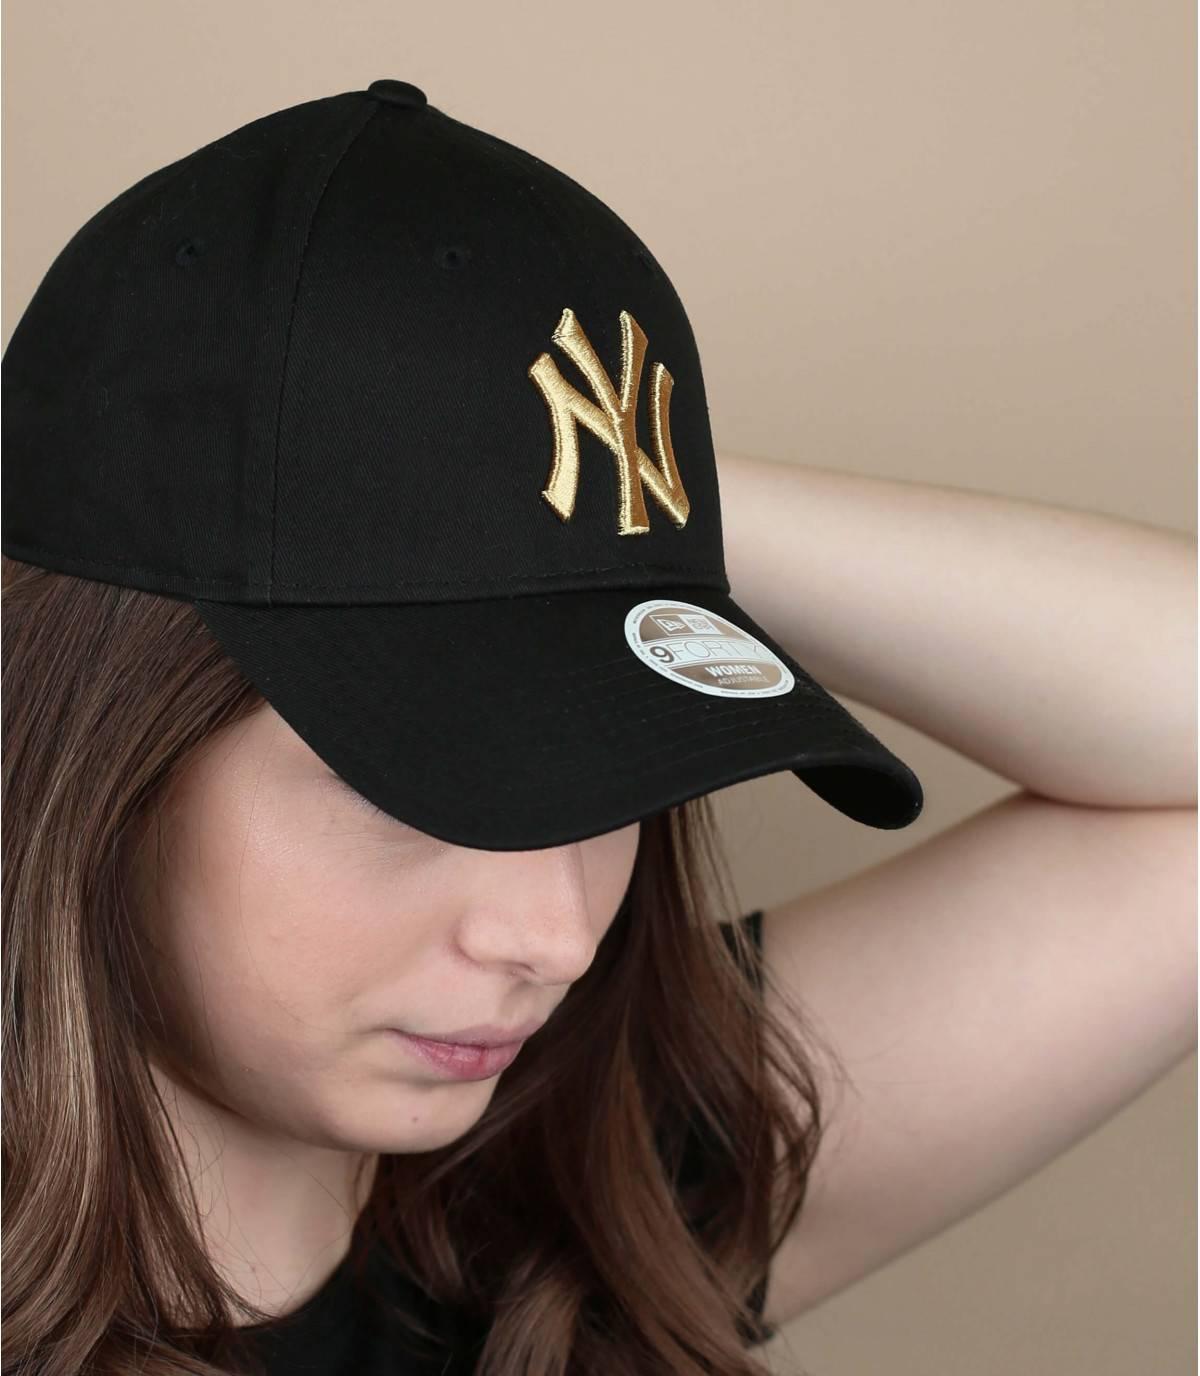 casquette femme noir or